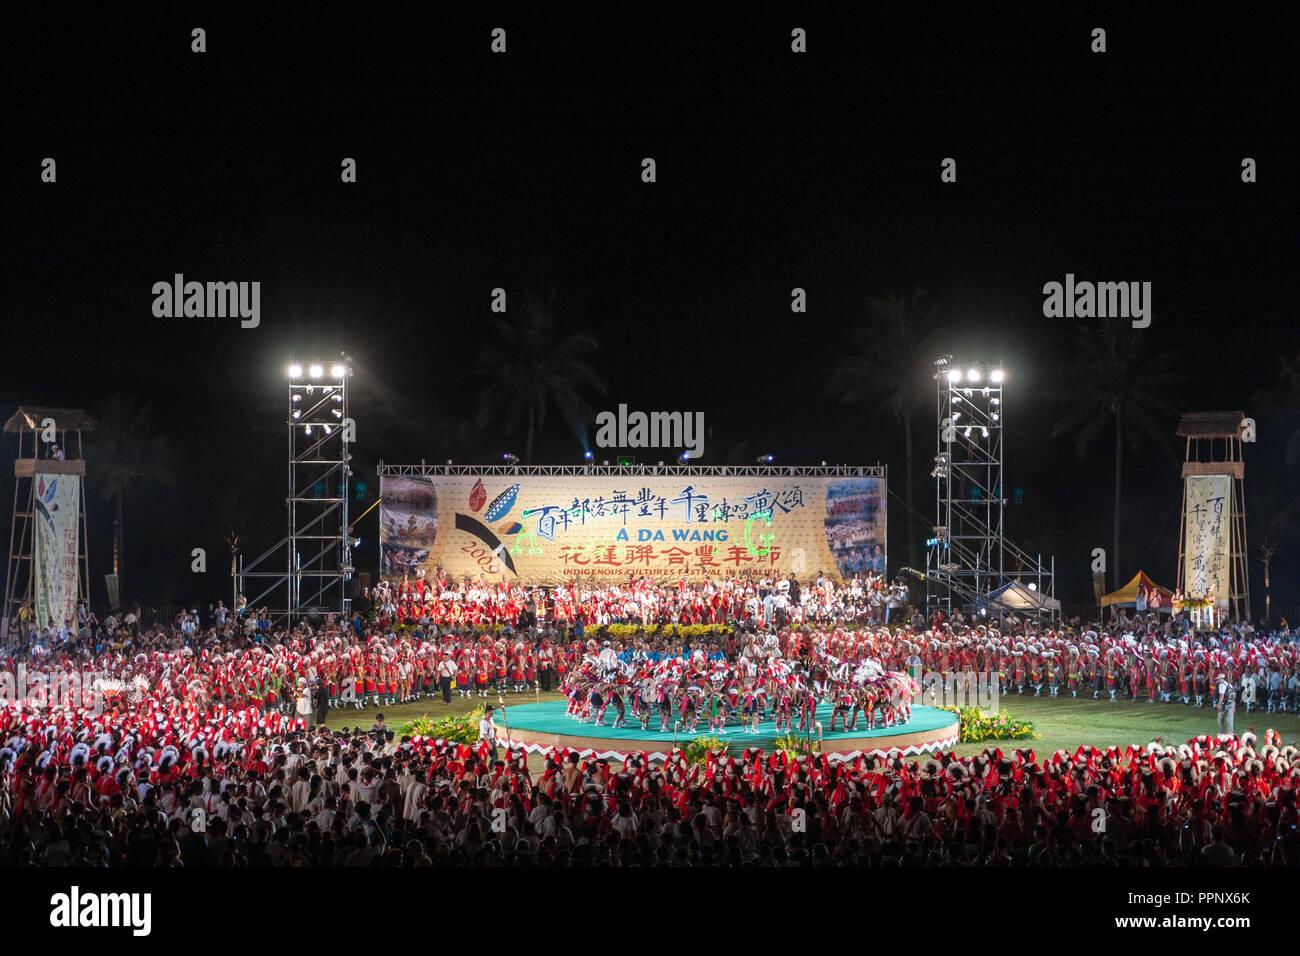 2009 'UN DA WANG' les cultures indigènes Festival (Festival de la récolte des Autochtones) dans la ville de Hualien, Taiwan Hualien County, Photo Stock